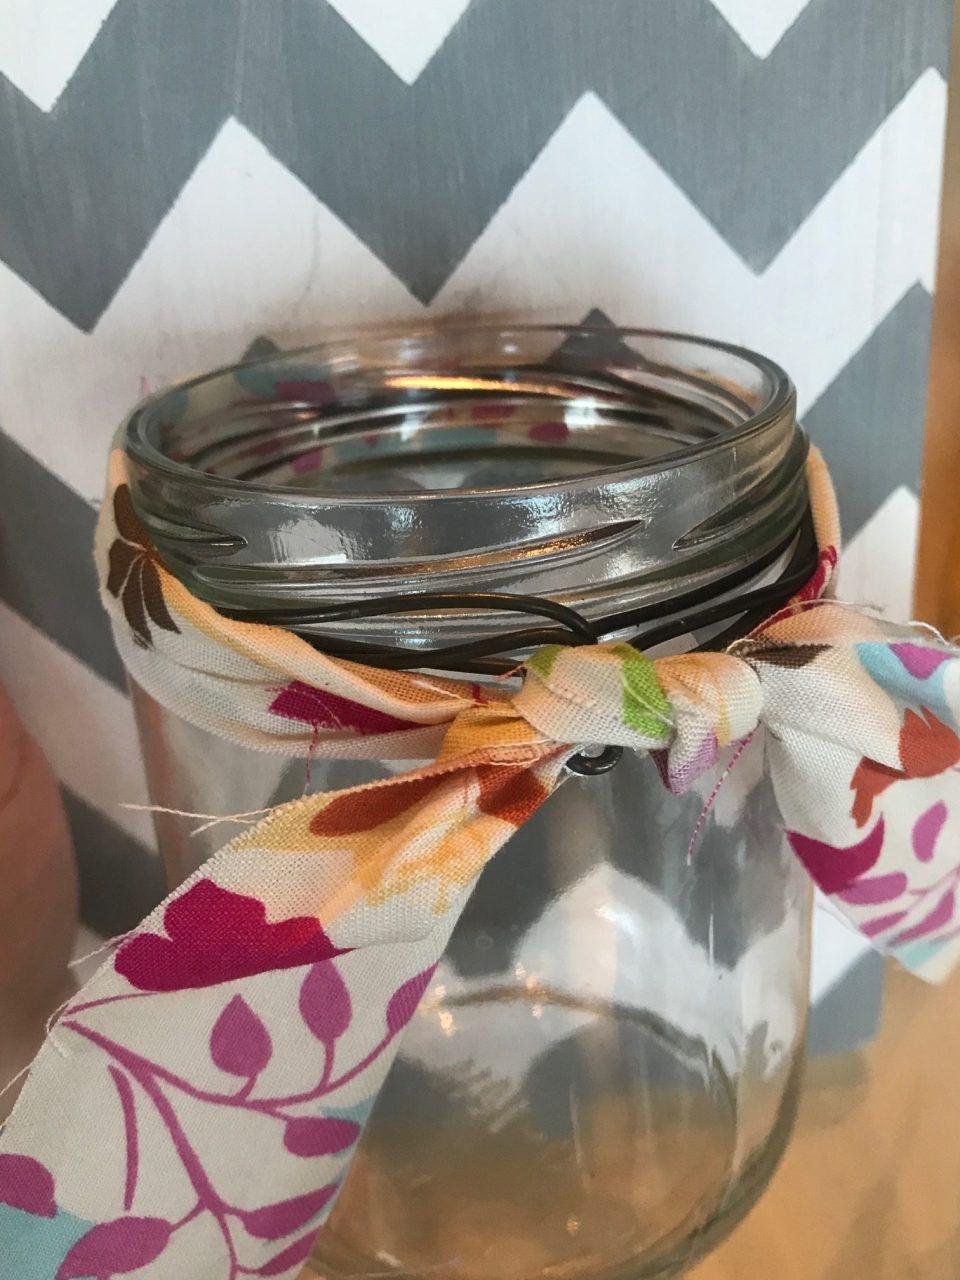 Tie Fabric around jar